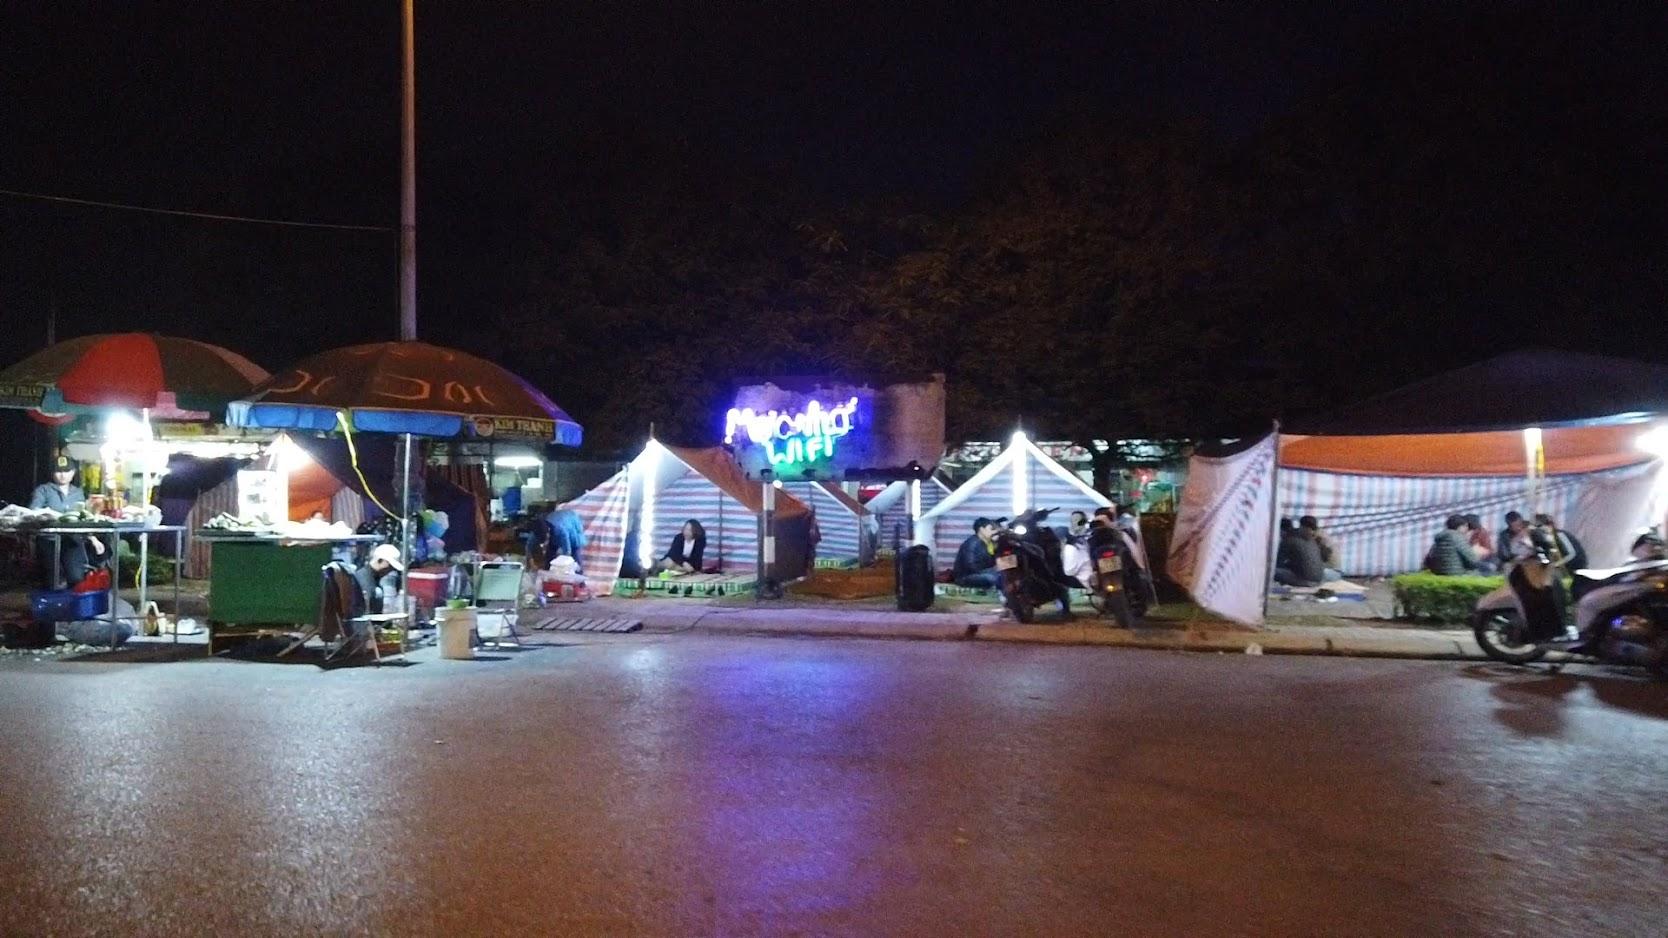 Ăn mực đêm ở Hồ Đào tại Hải Phòng 2